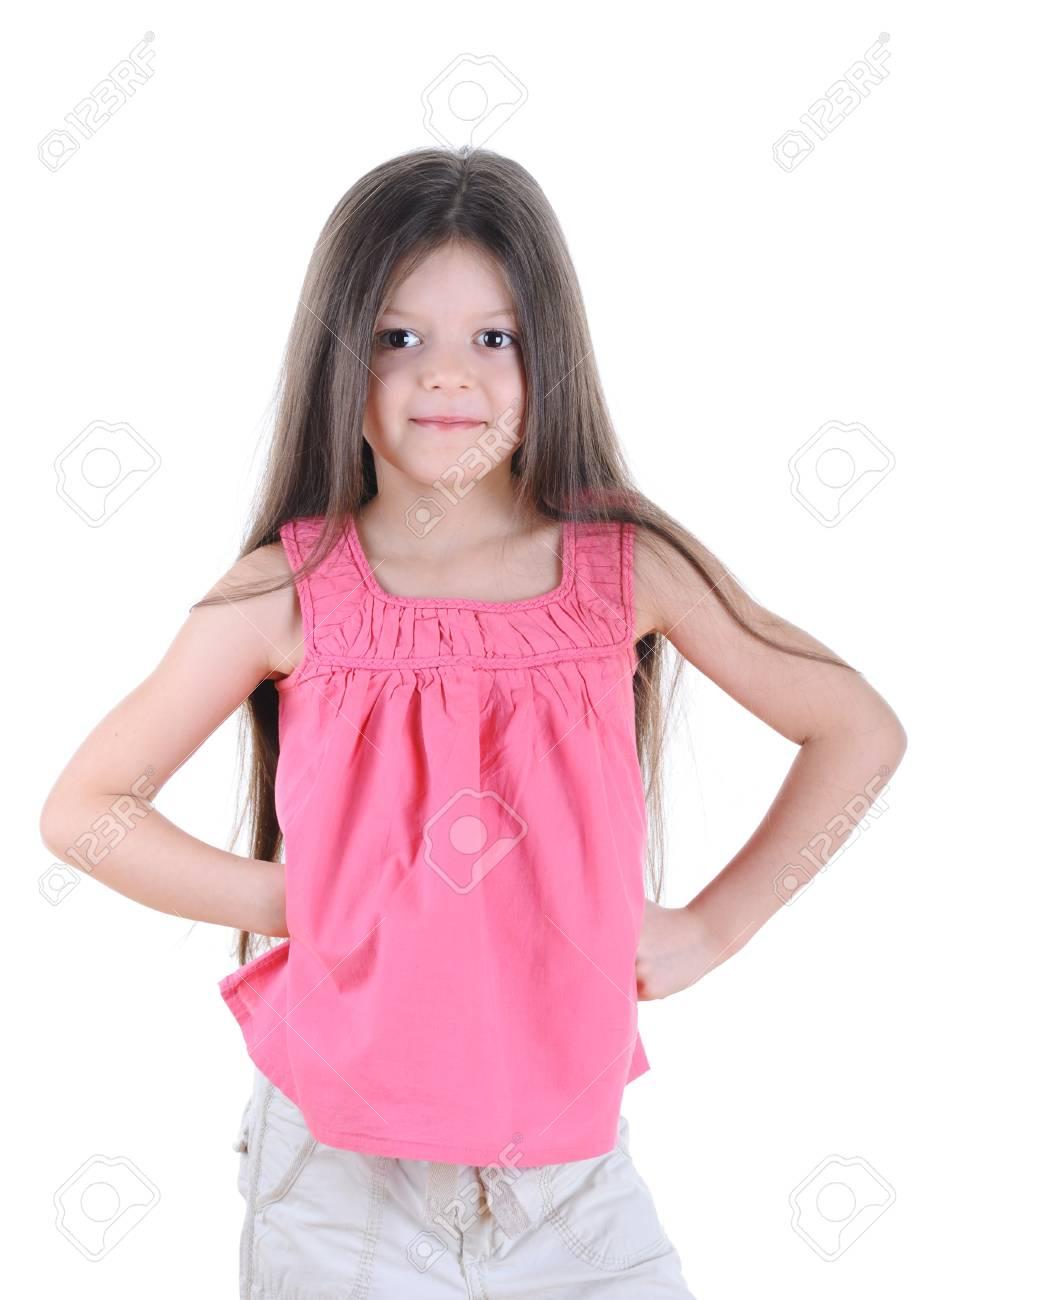 Little girl posing Stock Photo - 8954832